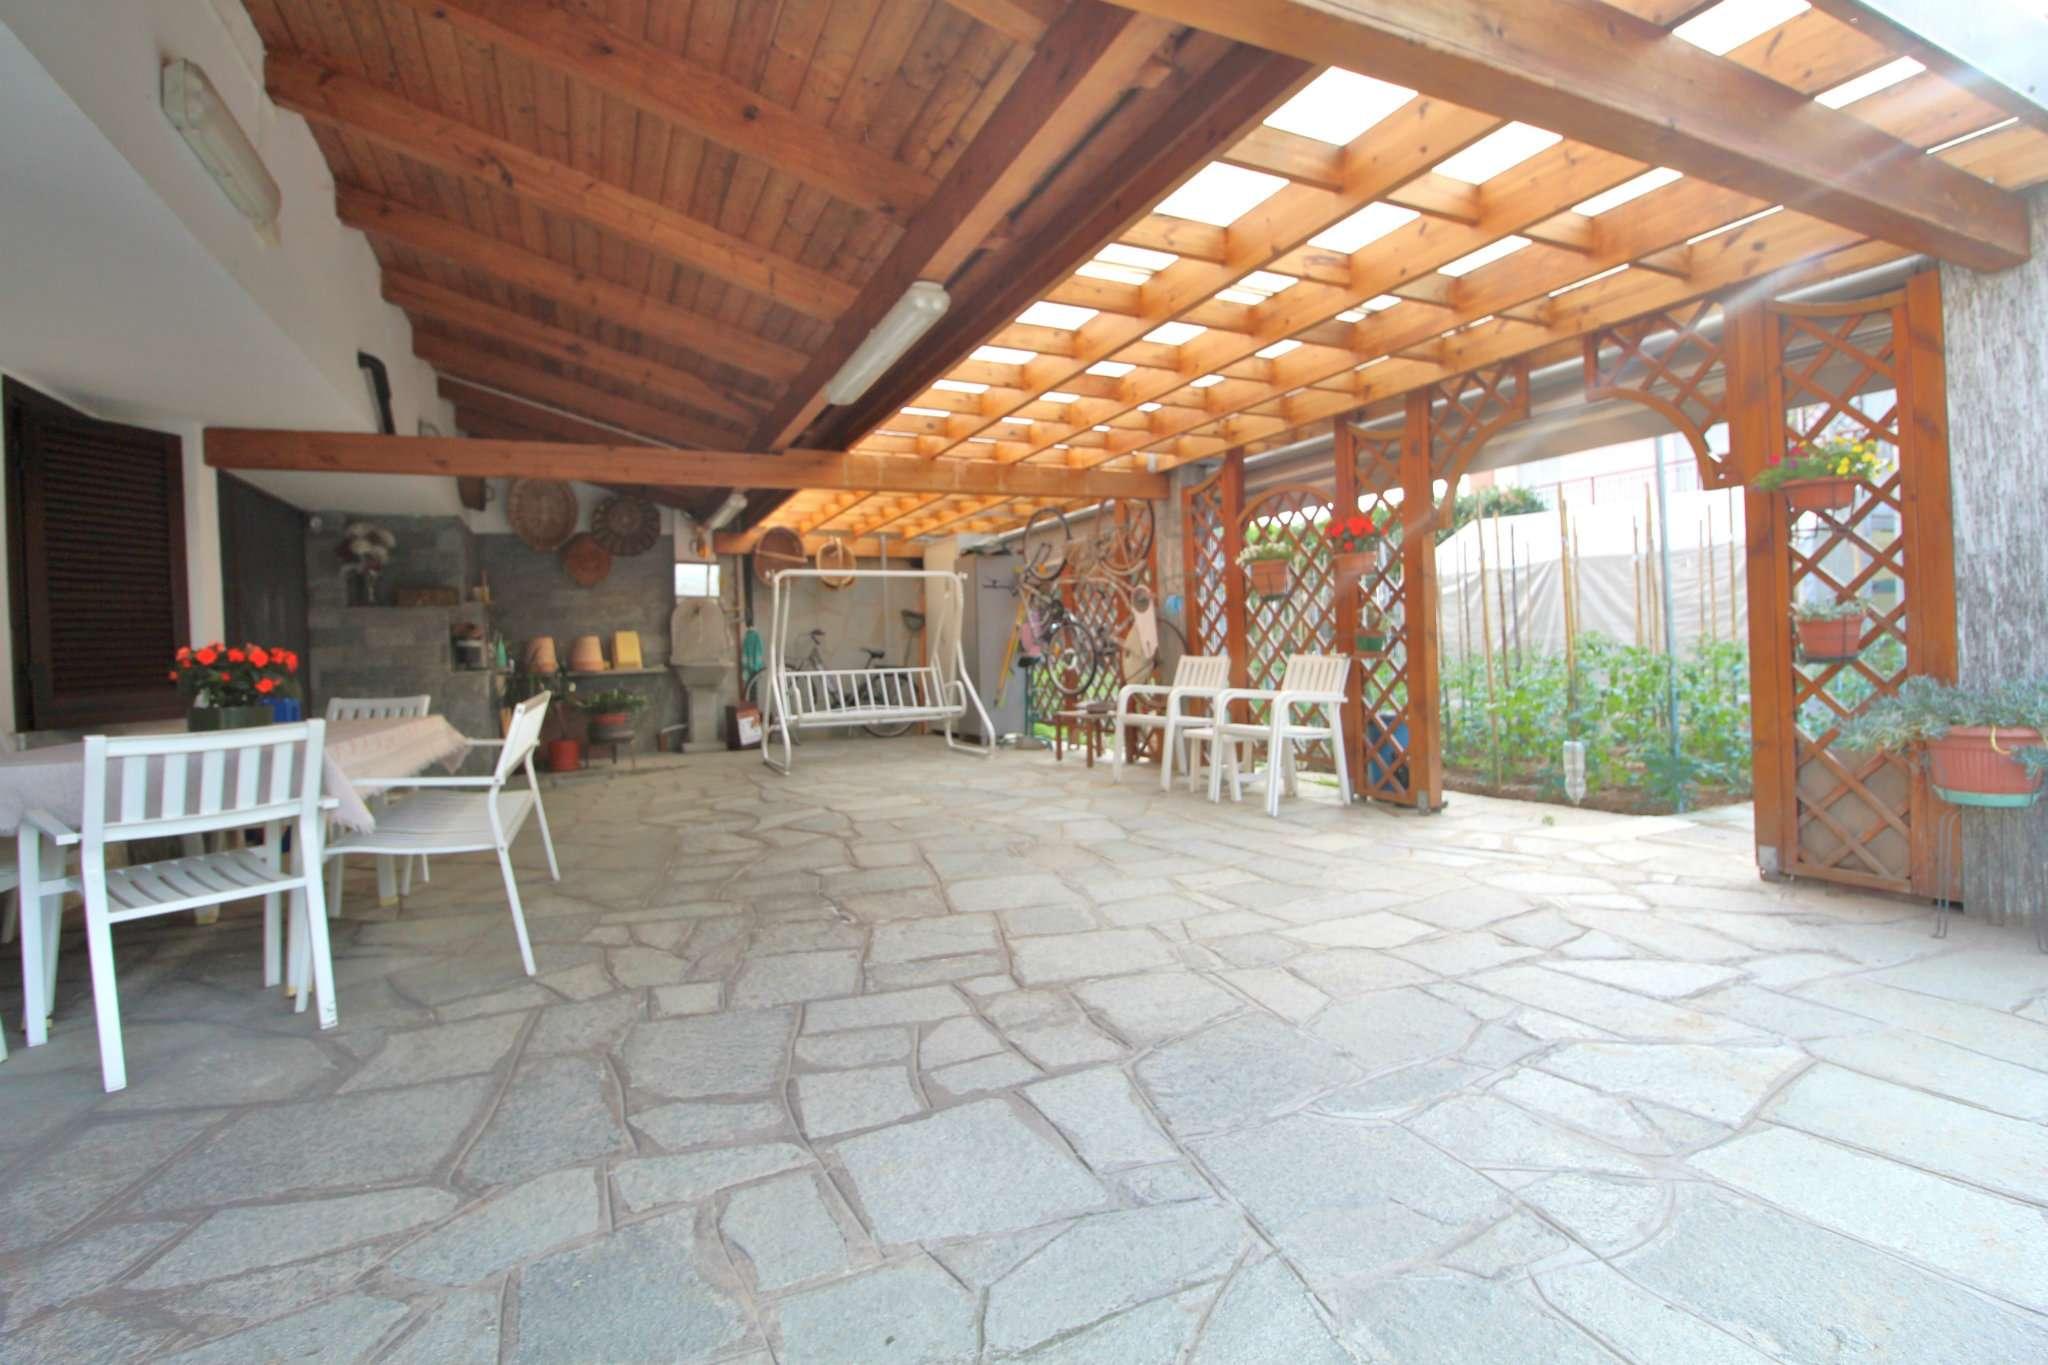 Villa Bifamiliare in vendita a Candiolo, 10 locali, Trattative riservate | PortaleAgenzieImmobiliari.it